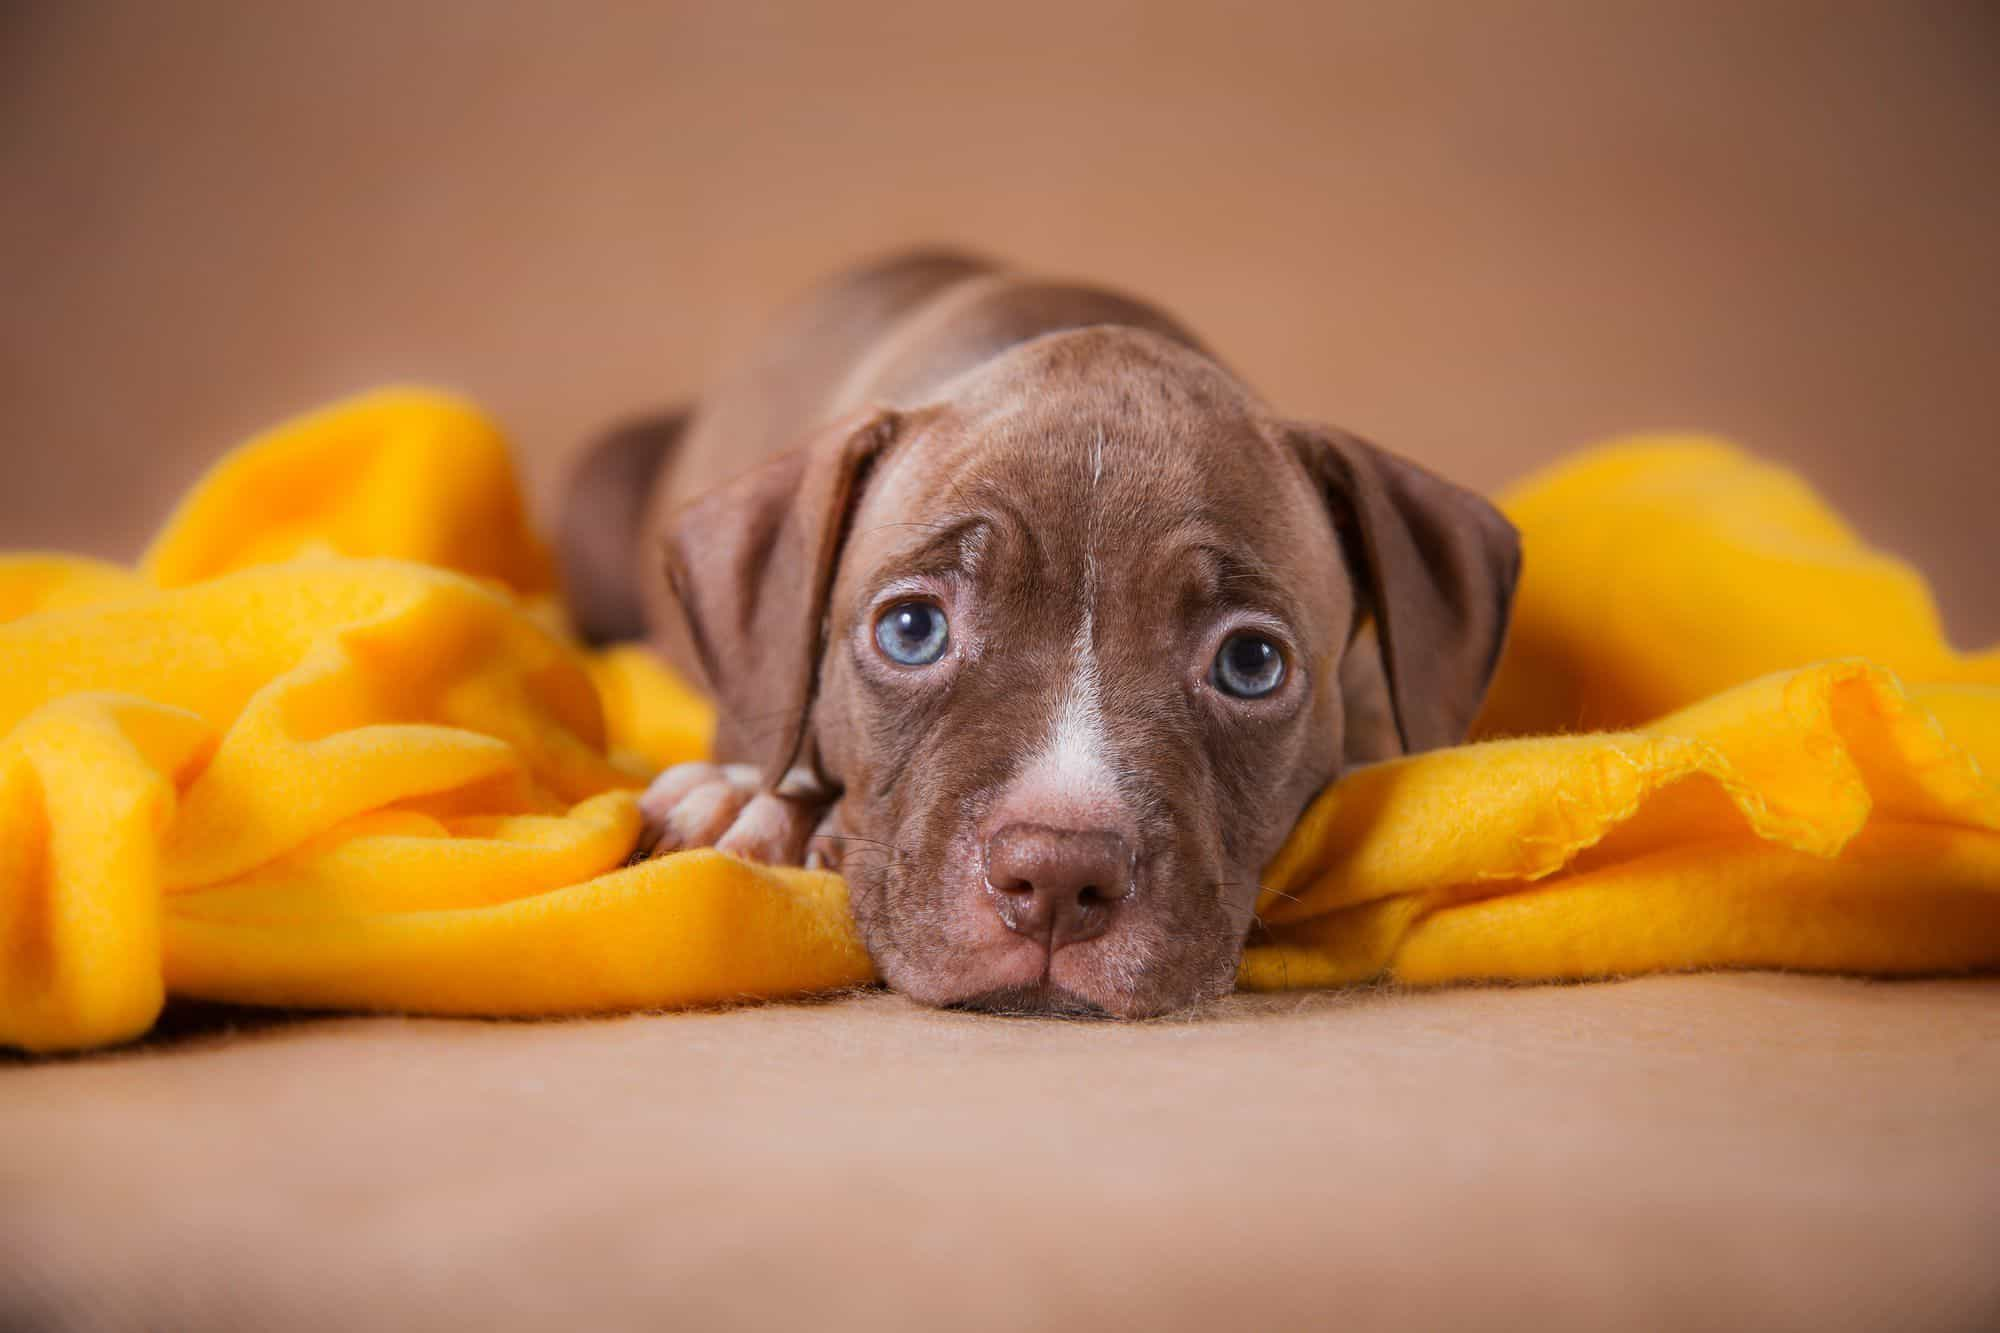 Mua bán chó Pitbull thuần chủng ở địa chỉ nào uy tín?